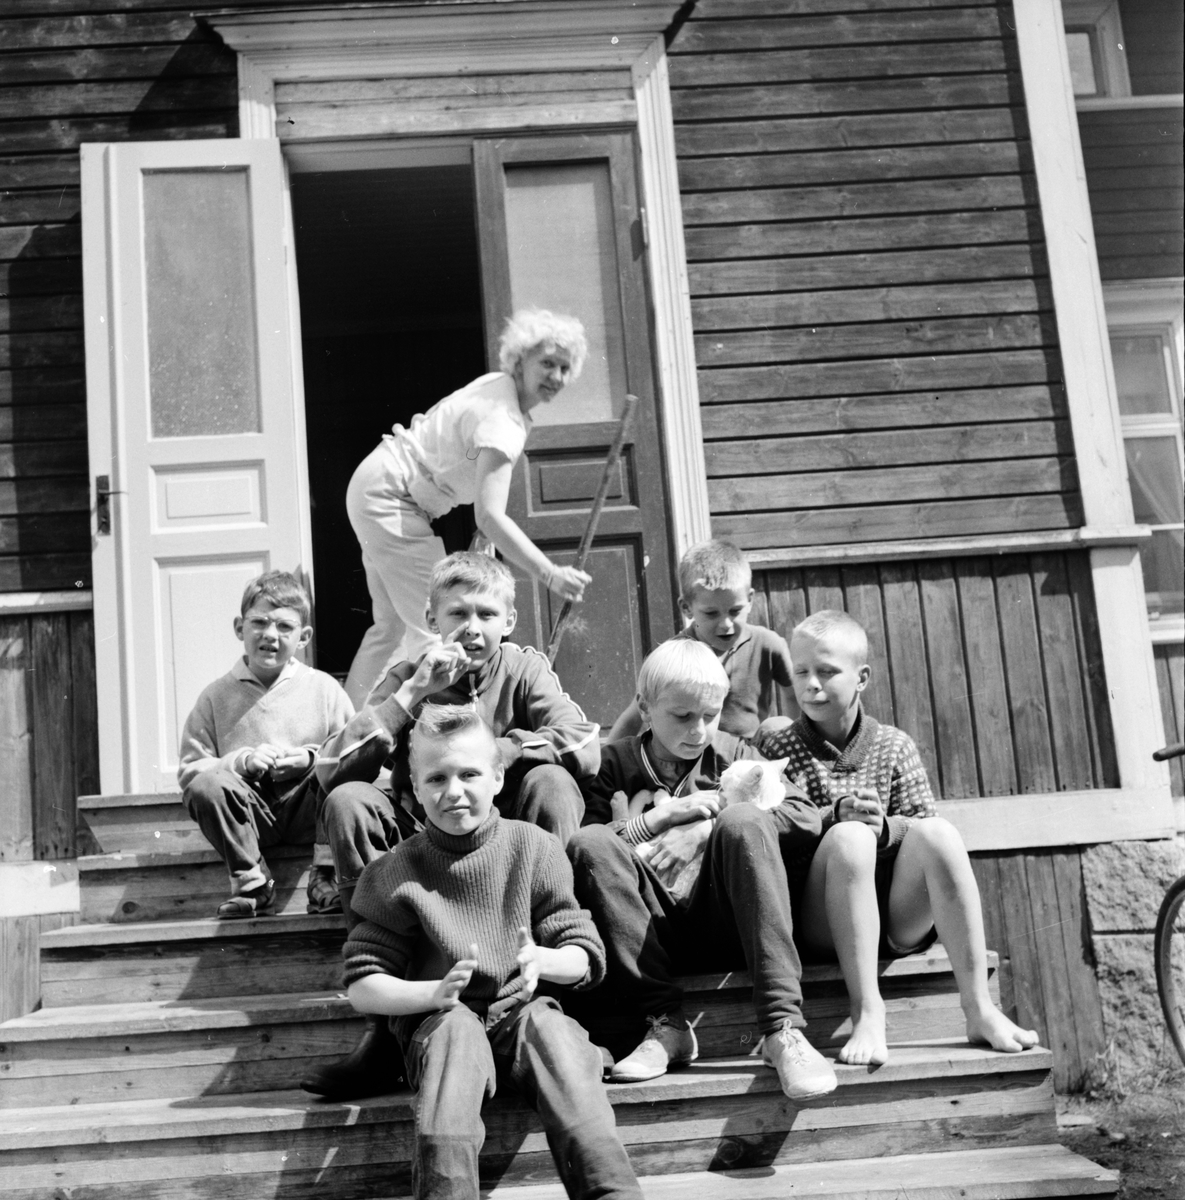 Arbrå, Barnkoloni, Öjungsbo, 5 Juli 1962